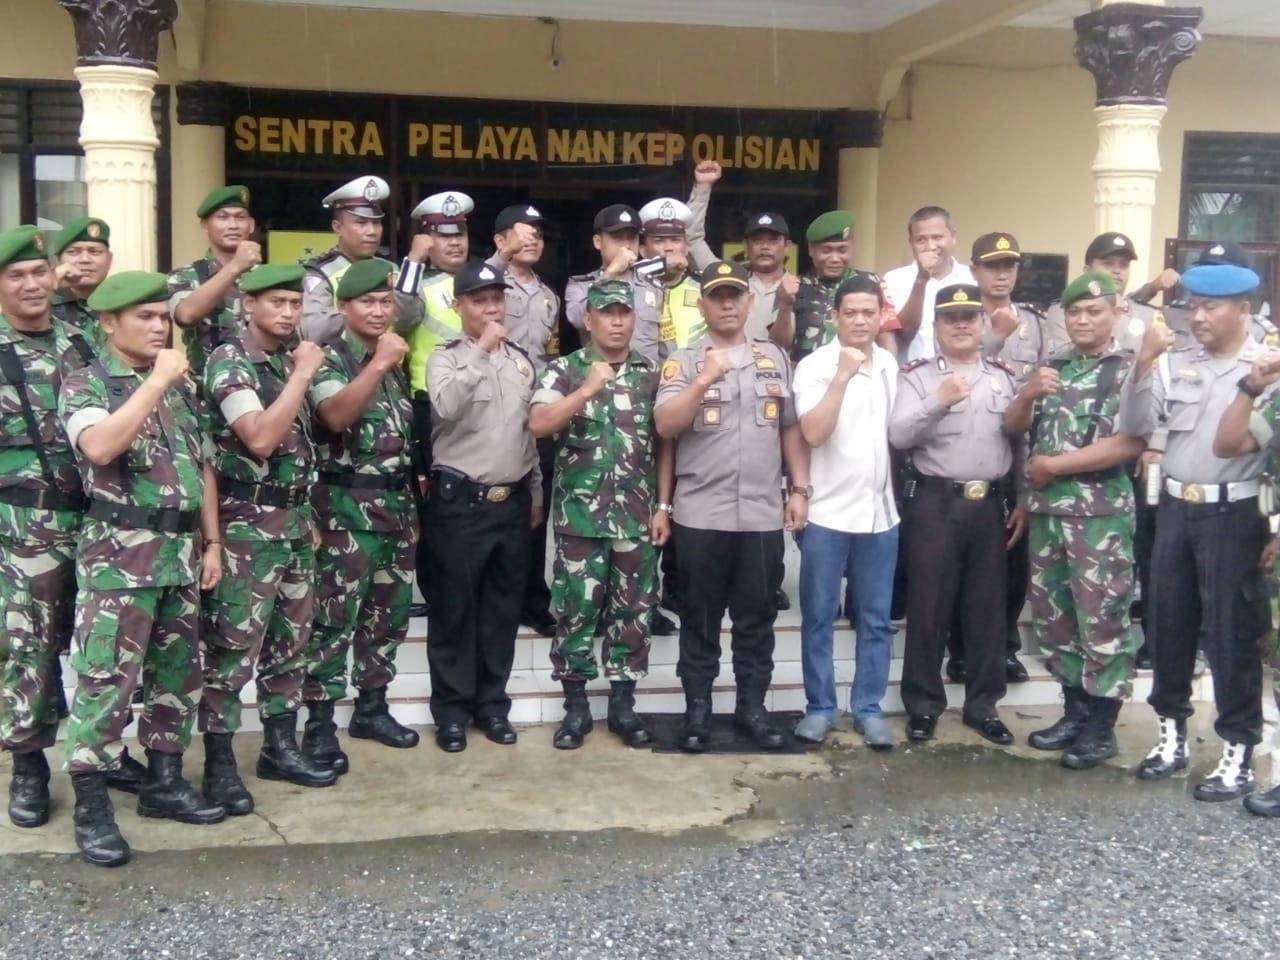 Jelang Pelantikan Presiden, Polsek Aek Natas dan Koramil 05/BD Jaga Stabilitas Kamtibmas